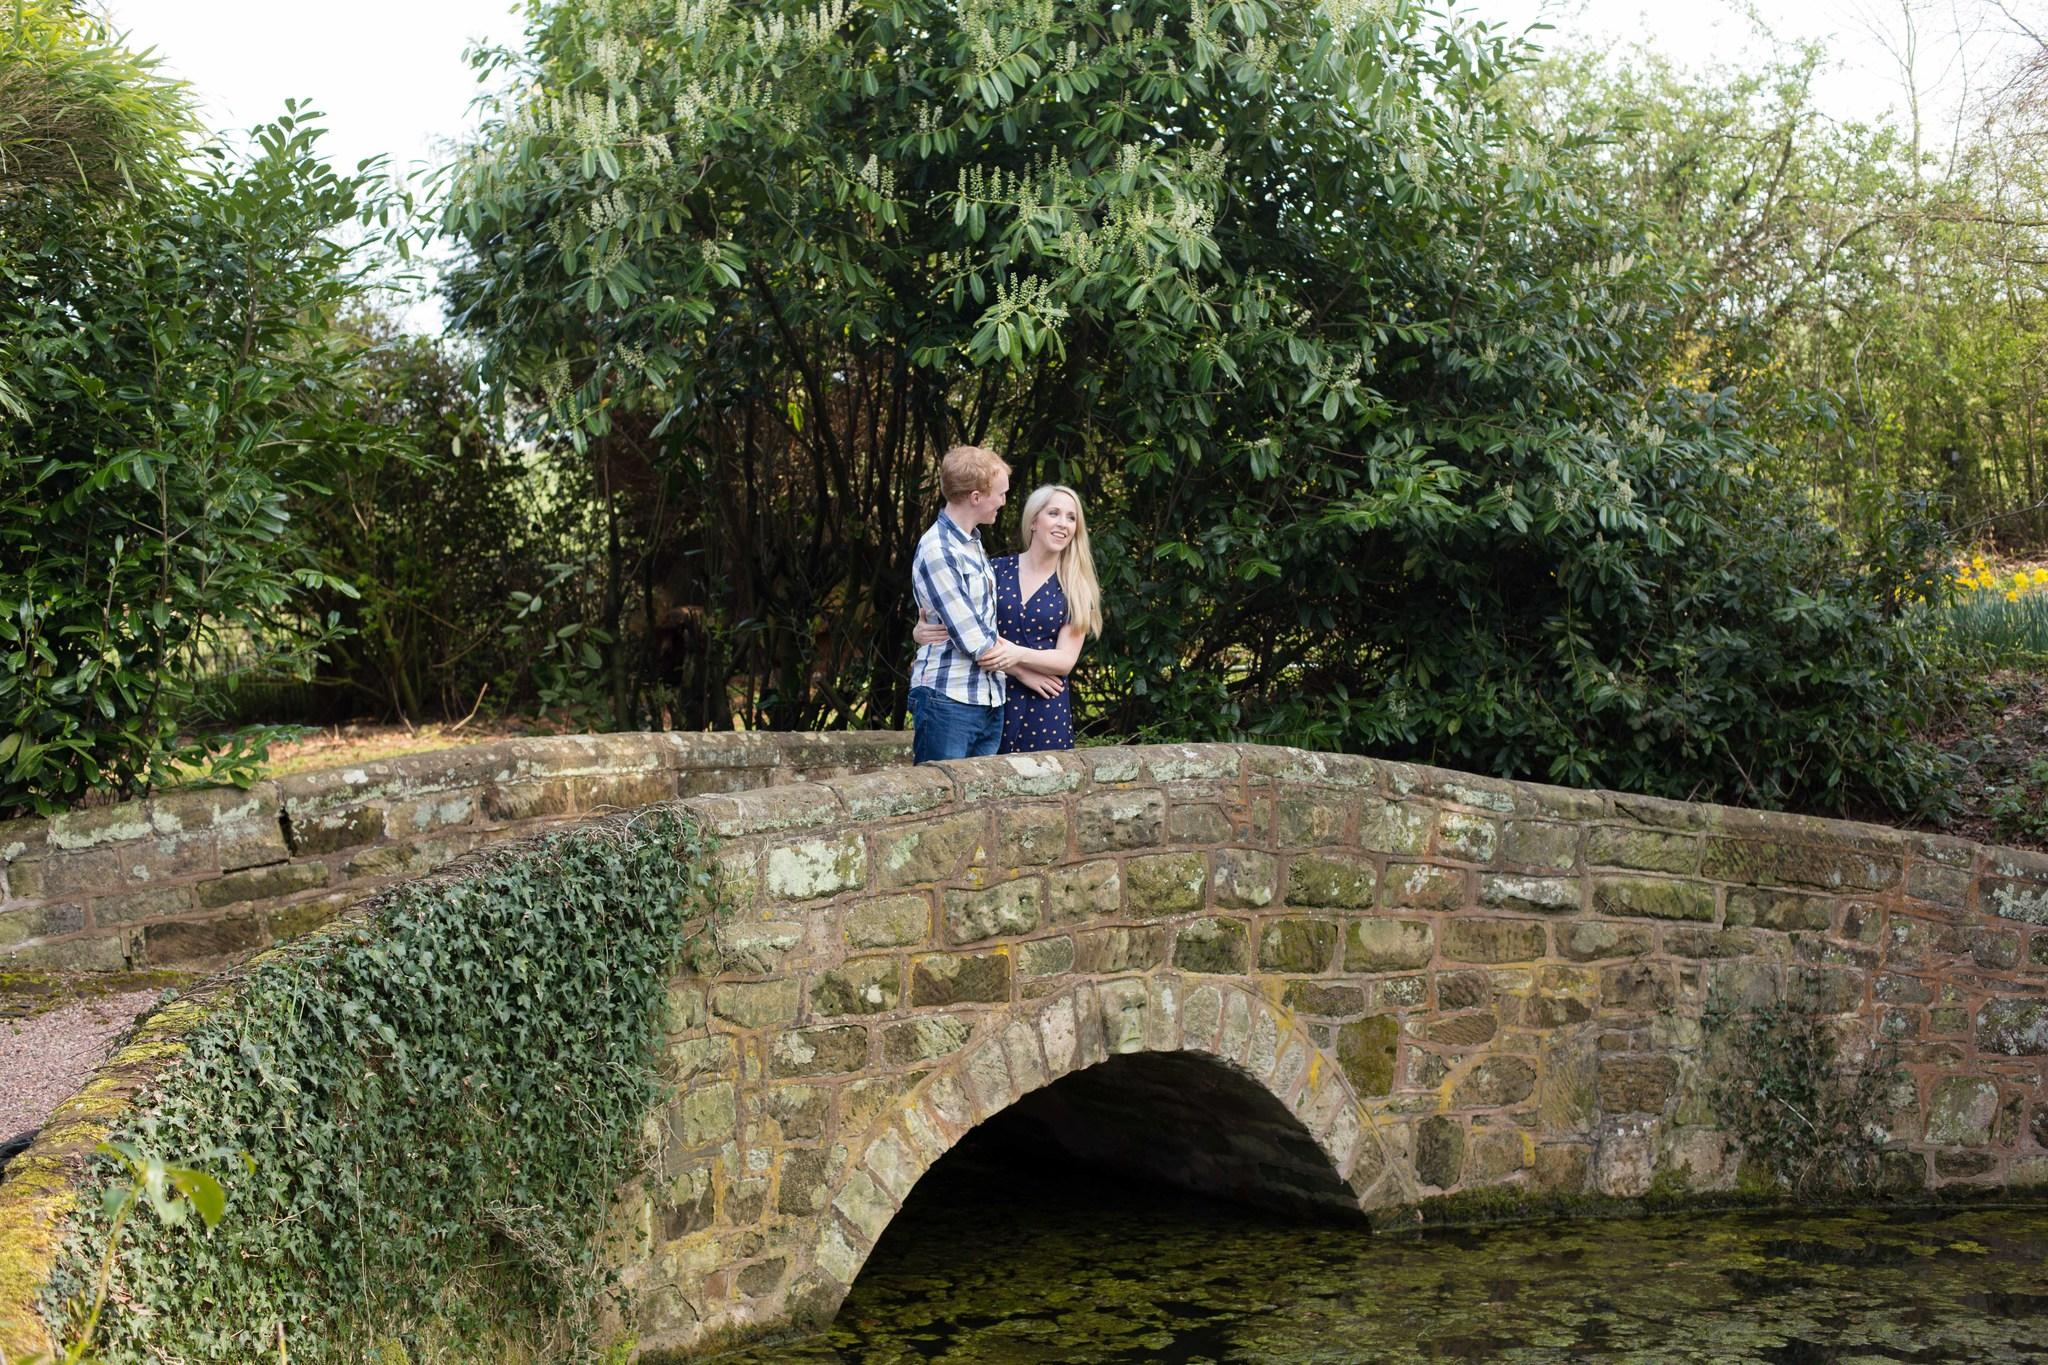 Hawkstone Hall bridge over lake